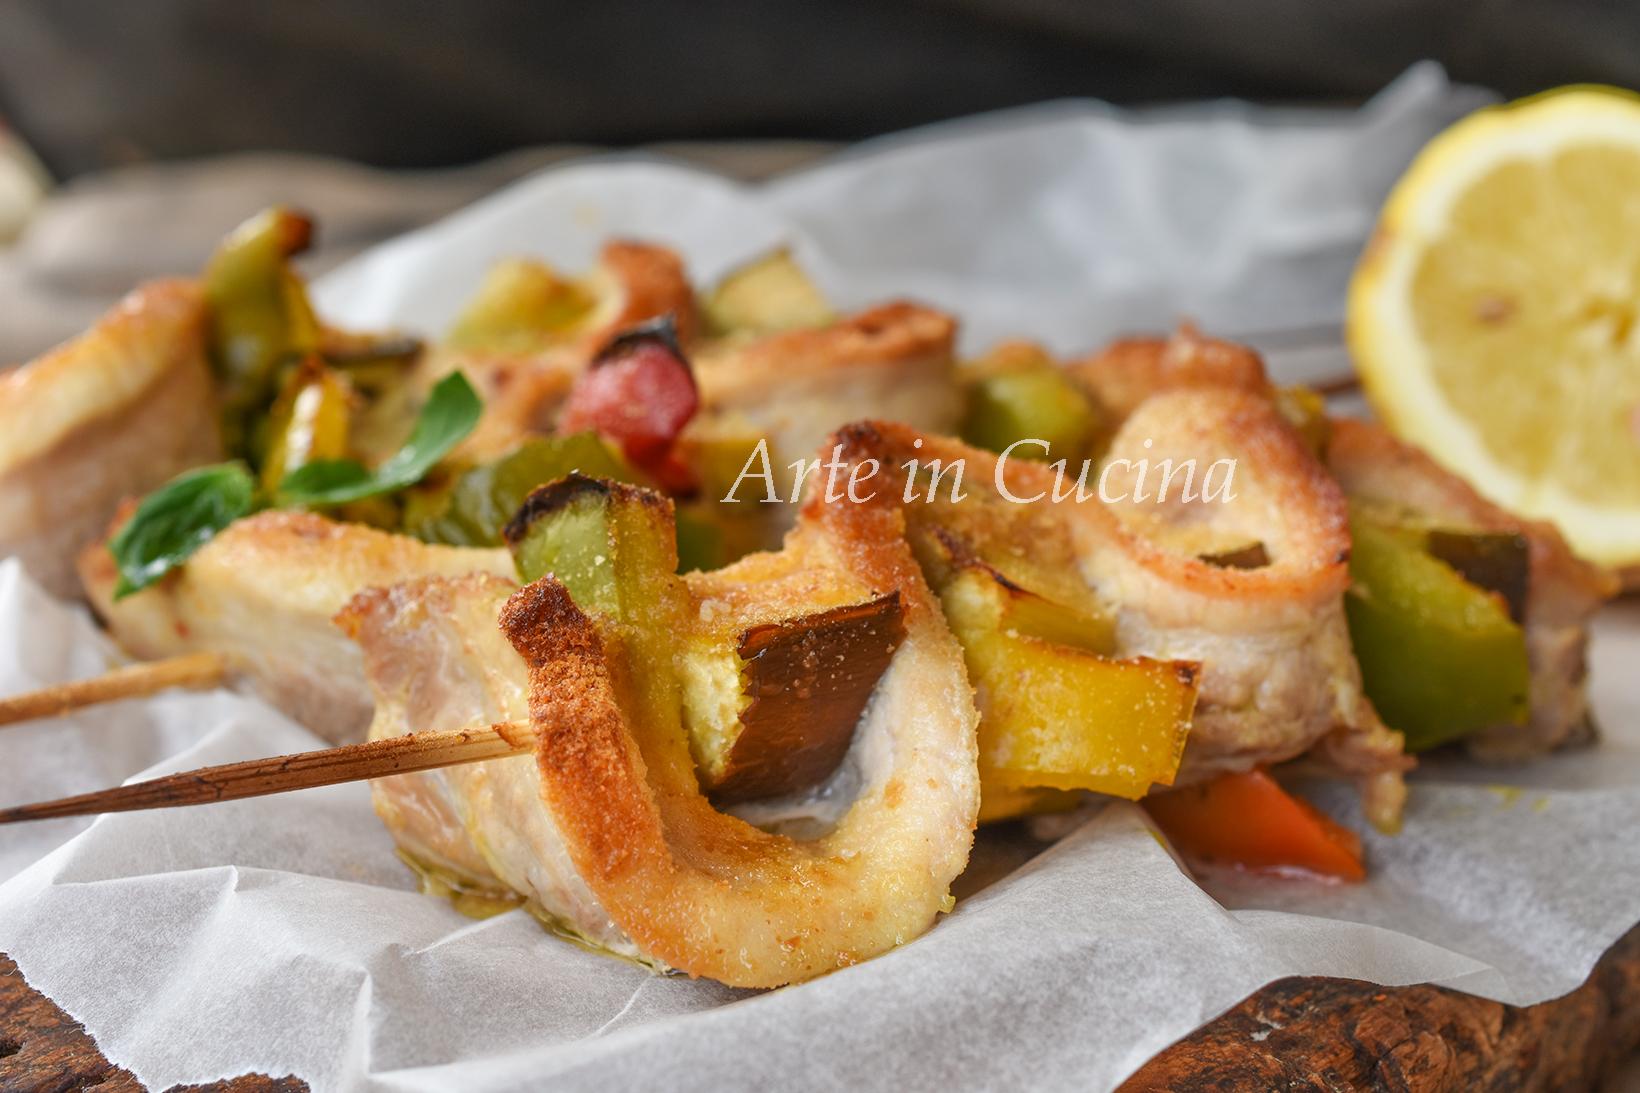 Spiedini di maiale impanati e grigliati ricetta semplice e veloce vickyart arte in cucina